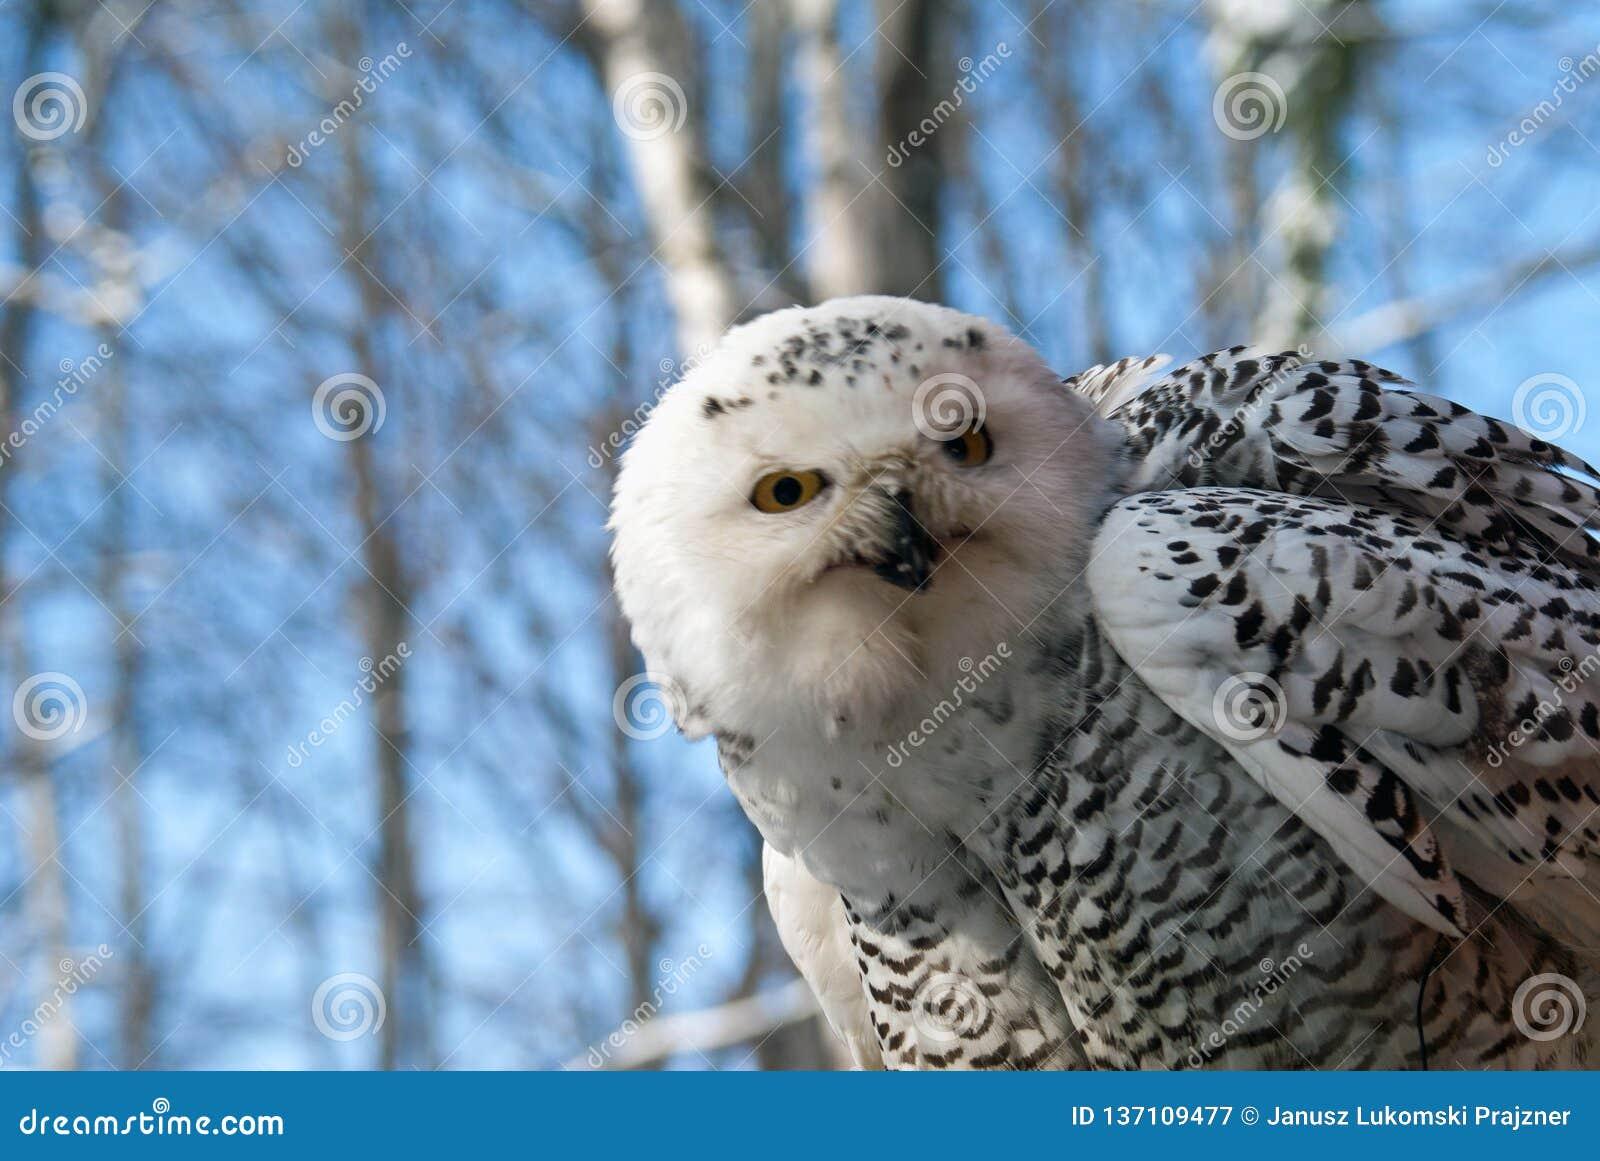 Snowy owl bubo scandiascus